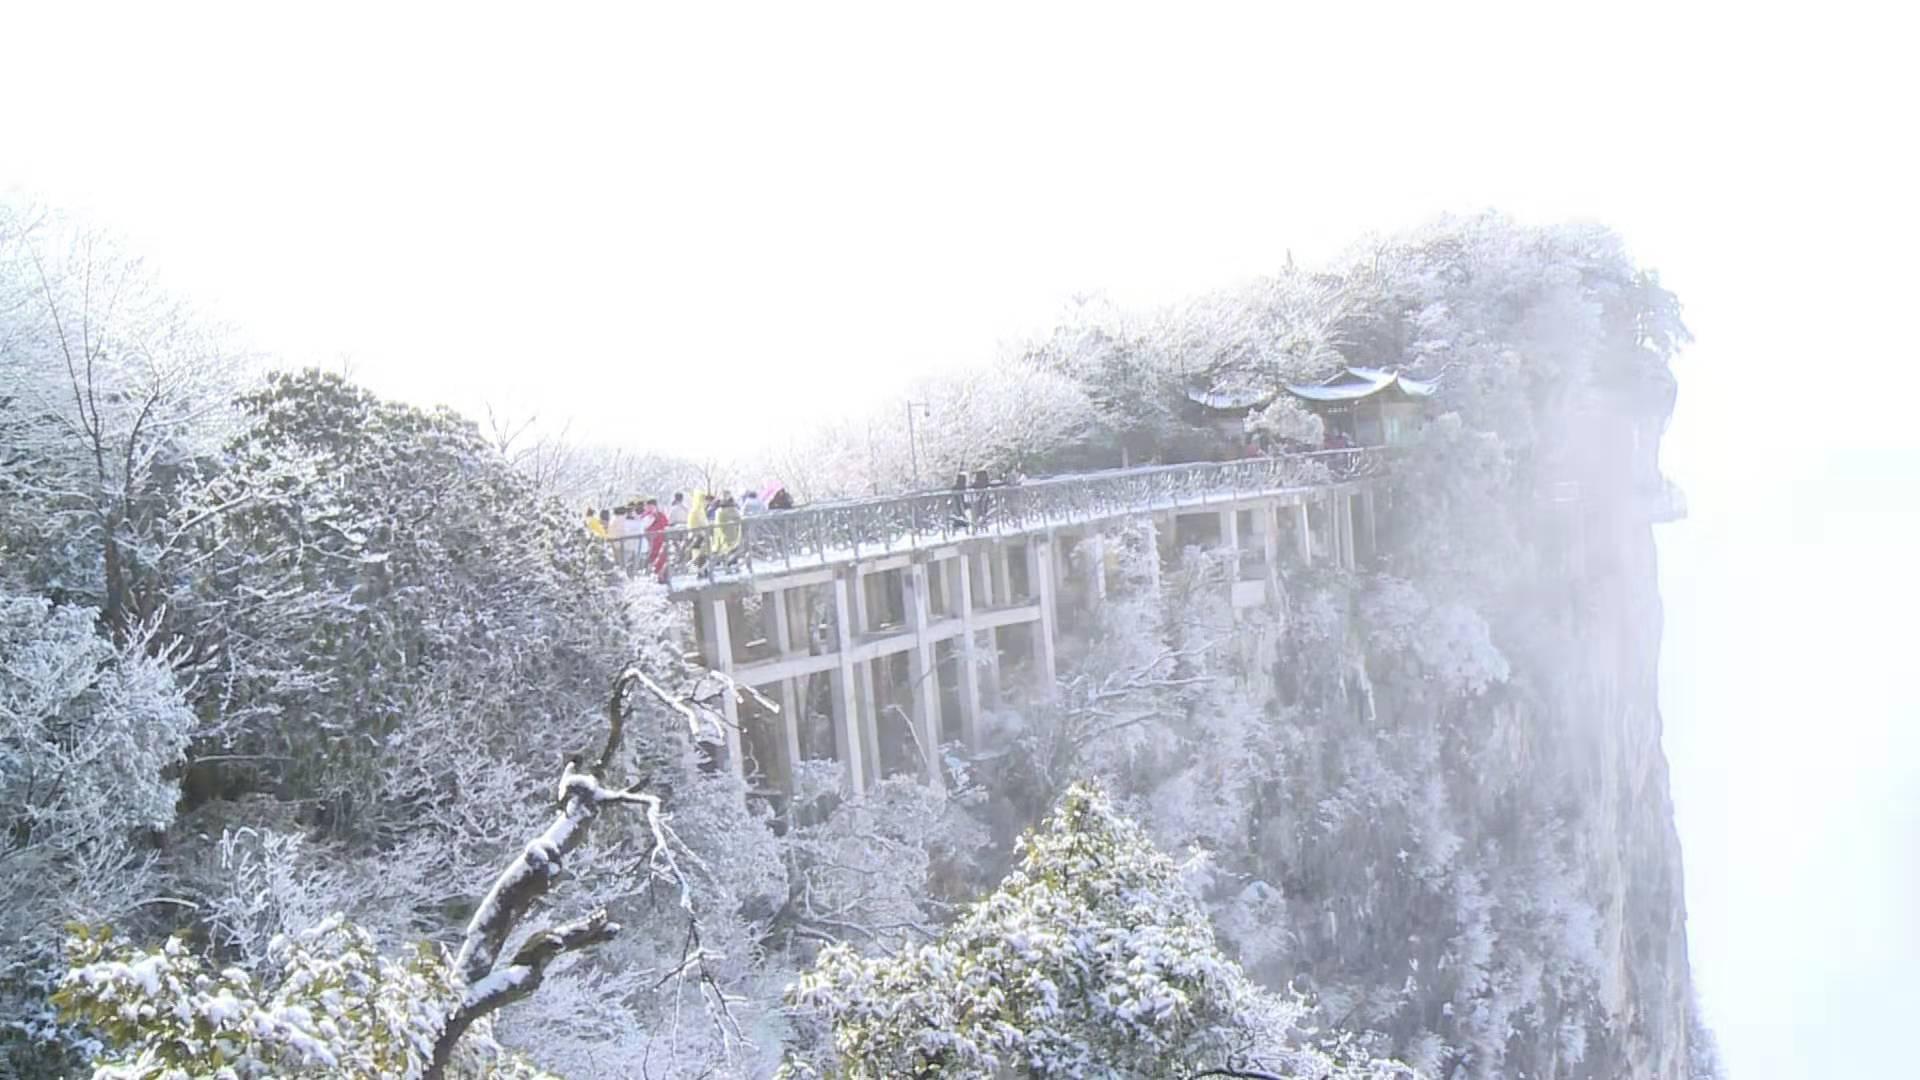 张家界冬天下雪吗?来看看这美丽的雪景